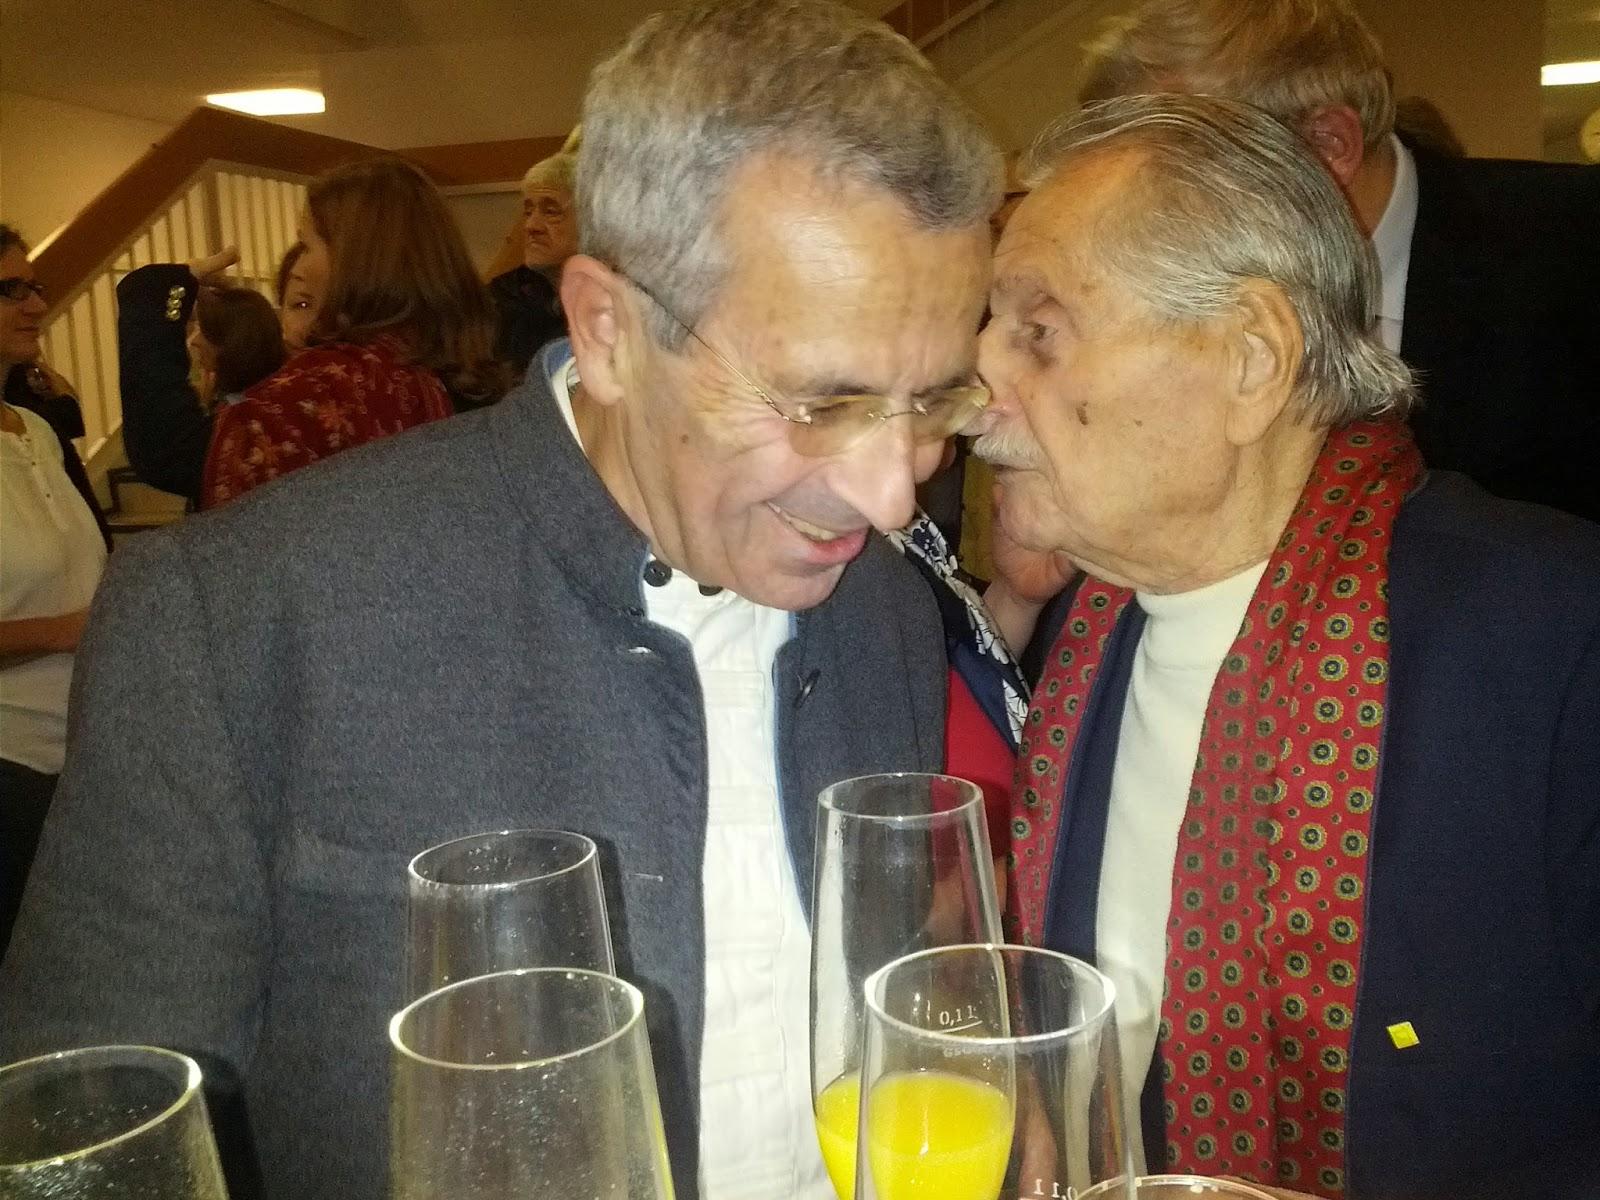 Ahmet Arpad, Salzburg Yahudi cemaati başkanı 101 yaşındaki Marko Feingold ile sohbet ediyor.